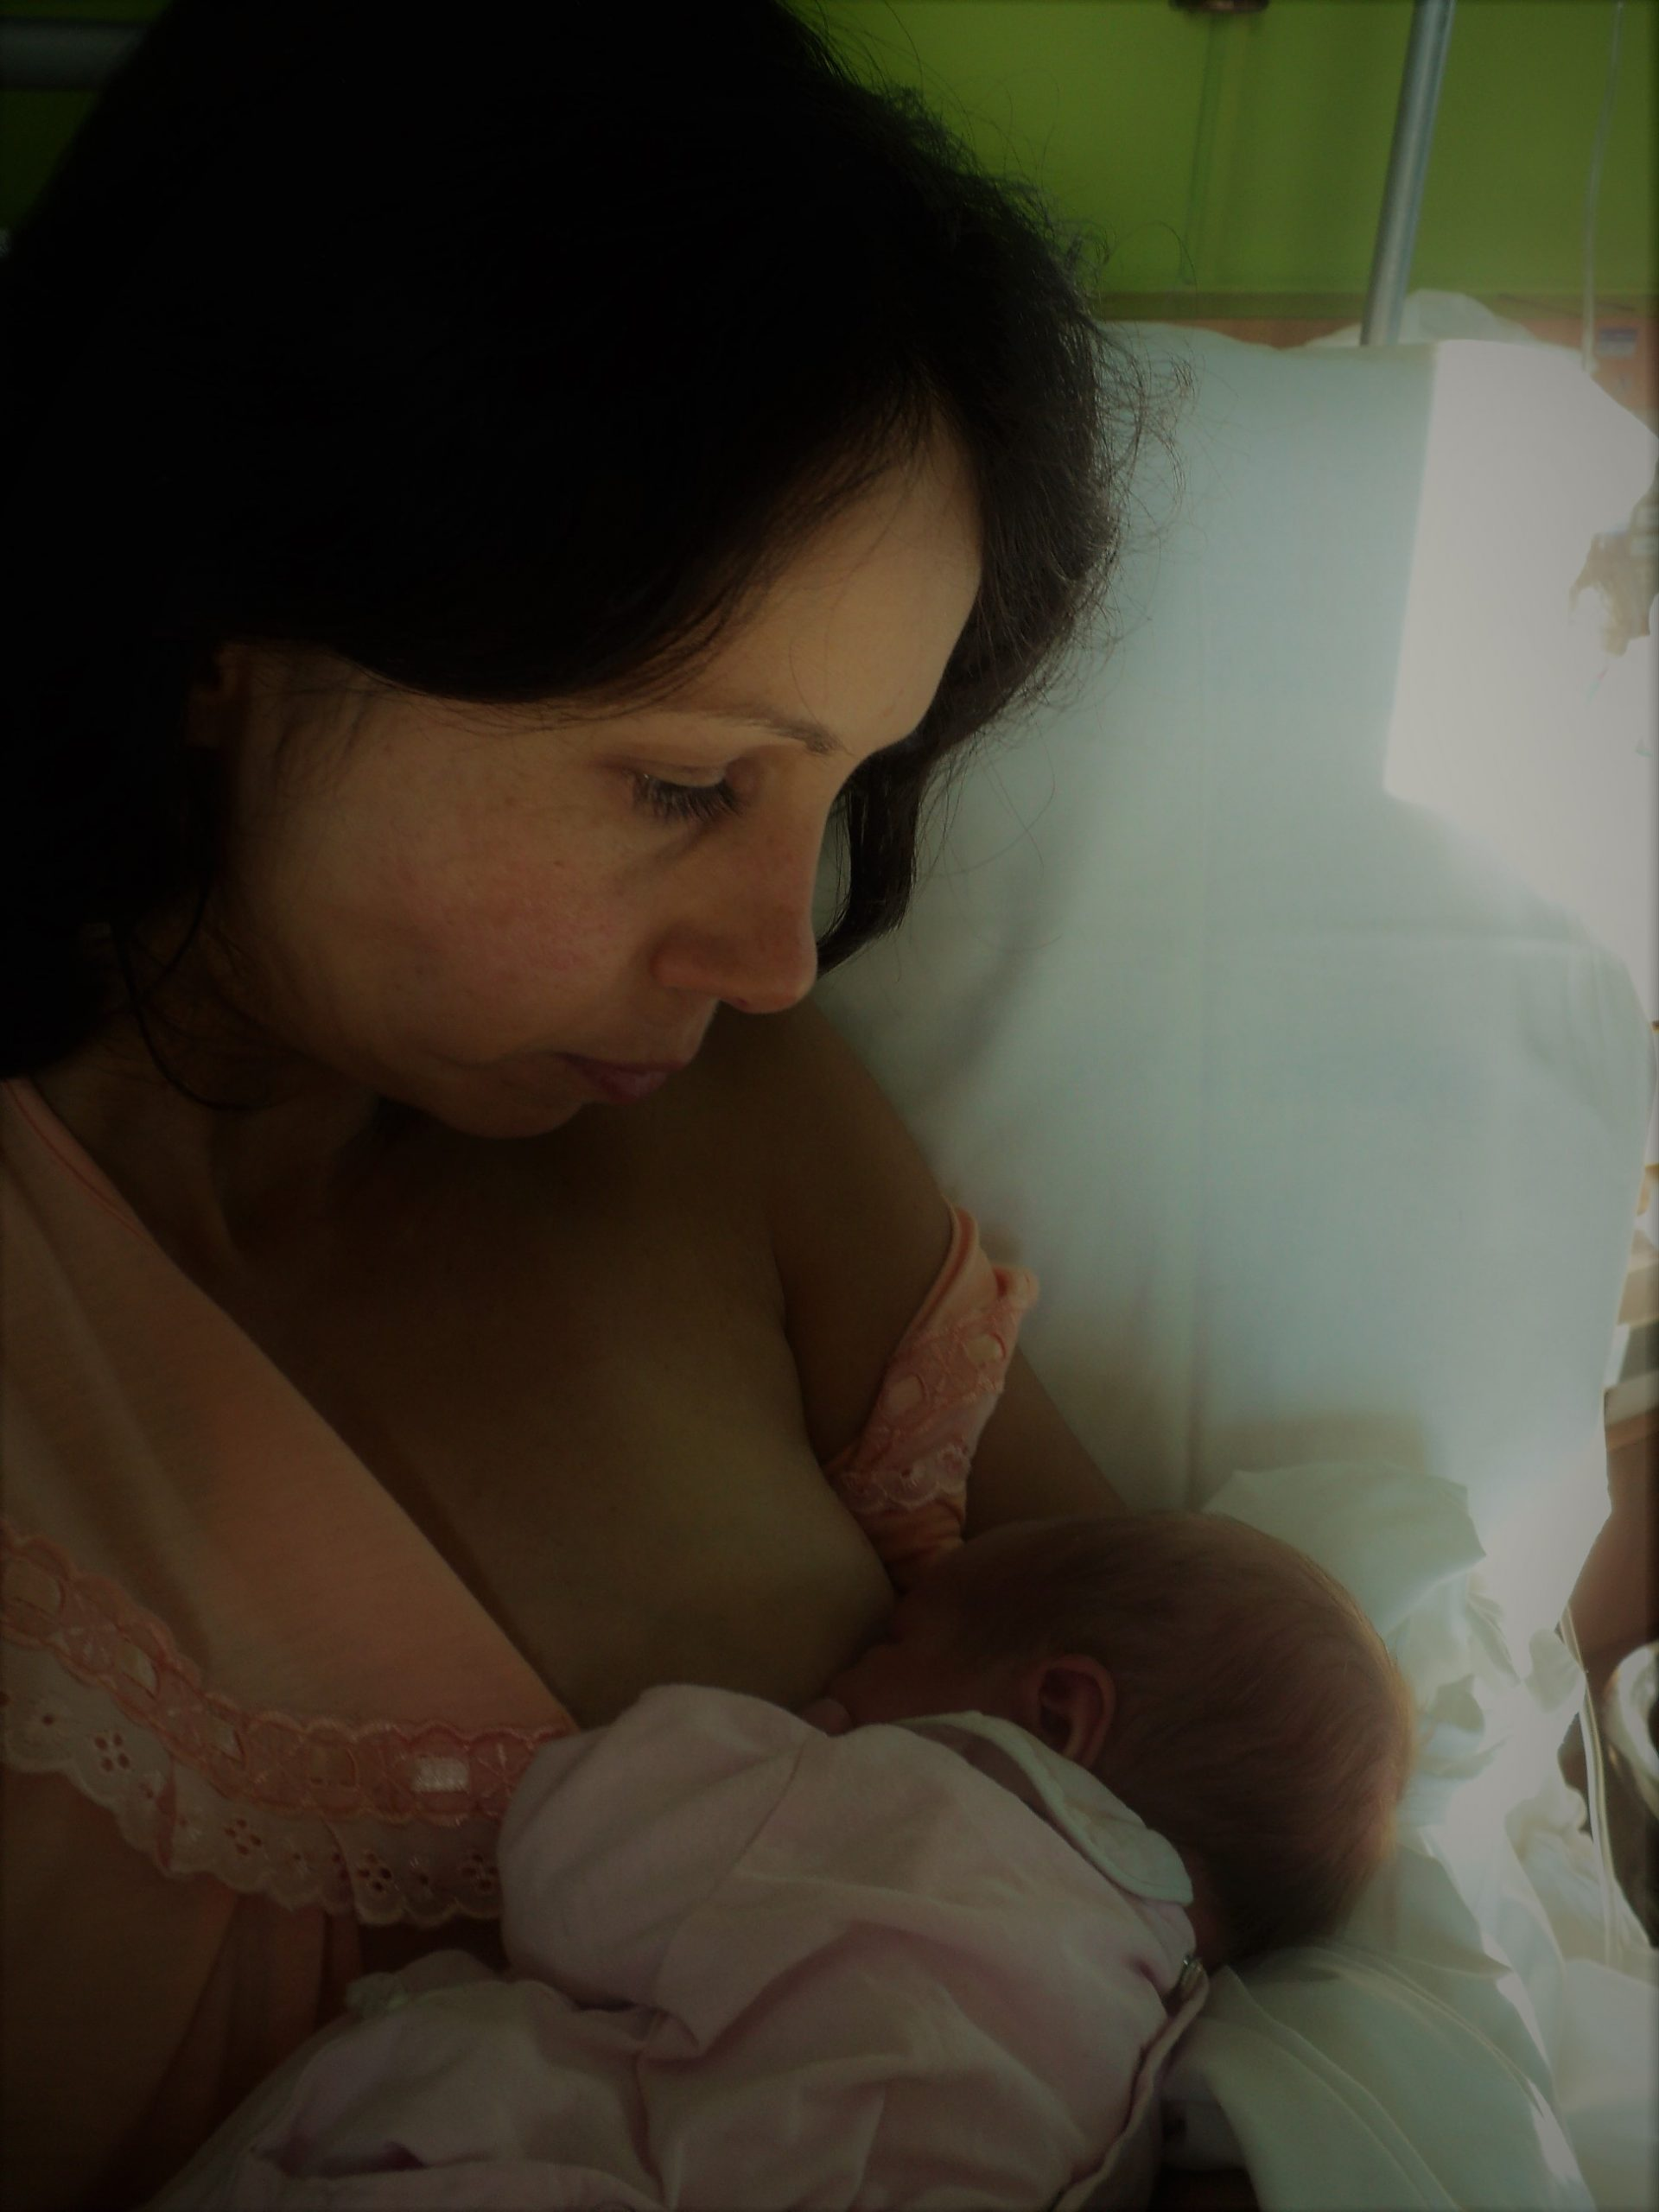 Allattamento esclusivo al seno: ecco cosa dovresti sapere